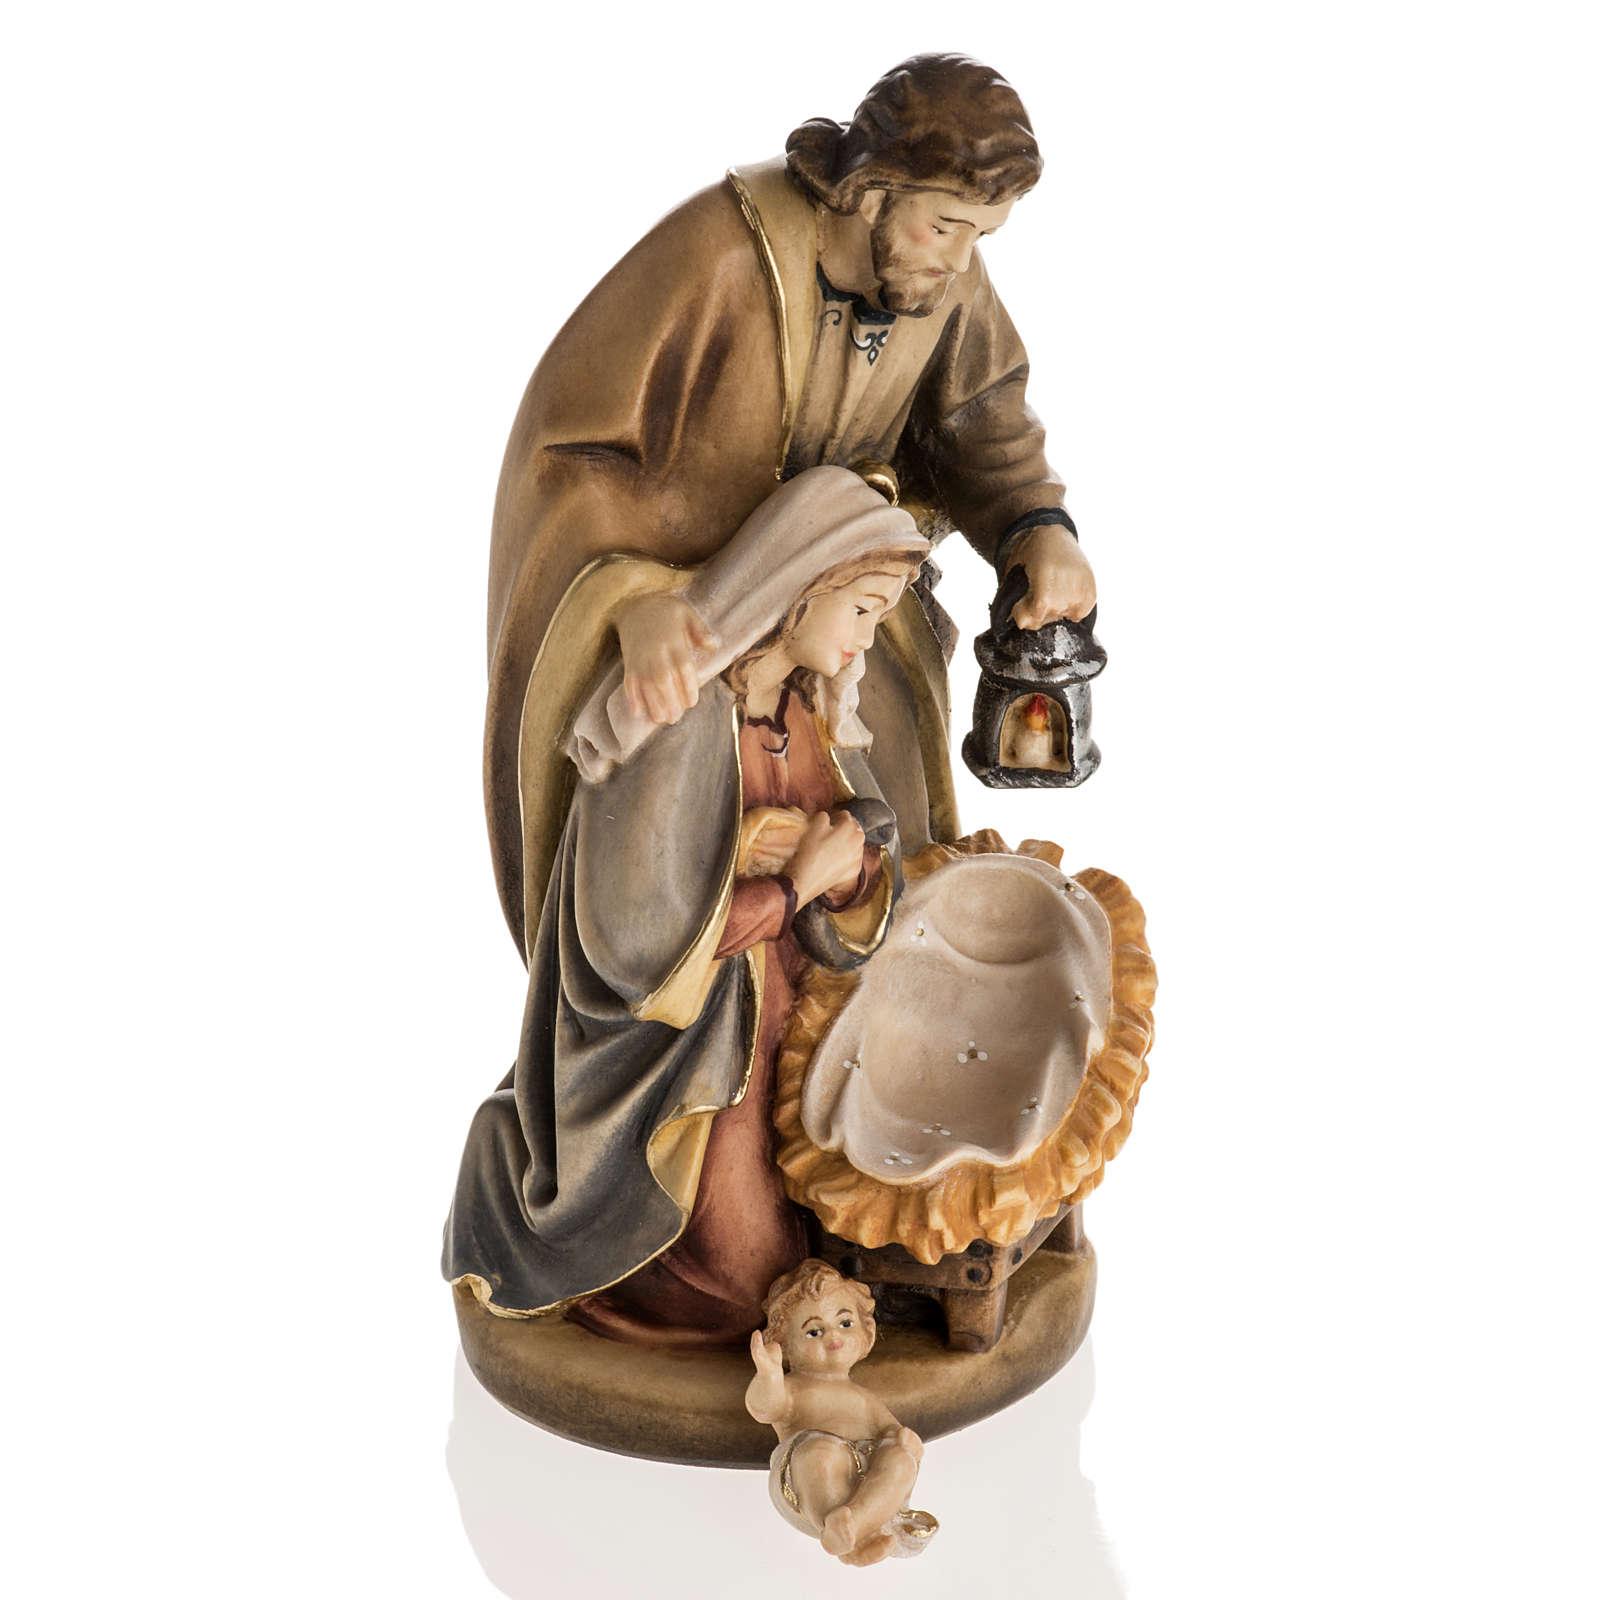 Nativité bois peinte mod. Sainte Nuit, Val Gardena 3